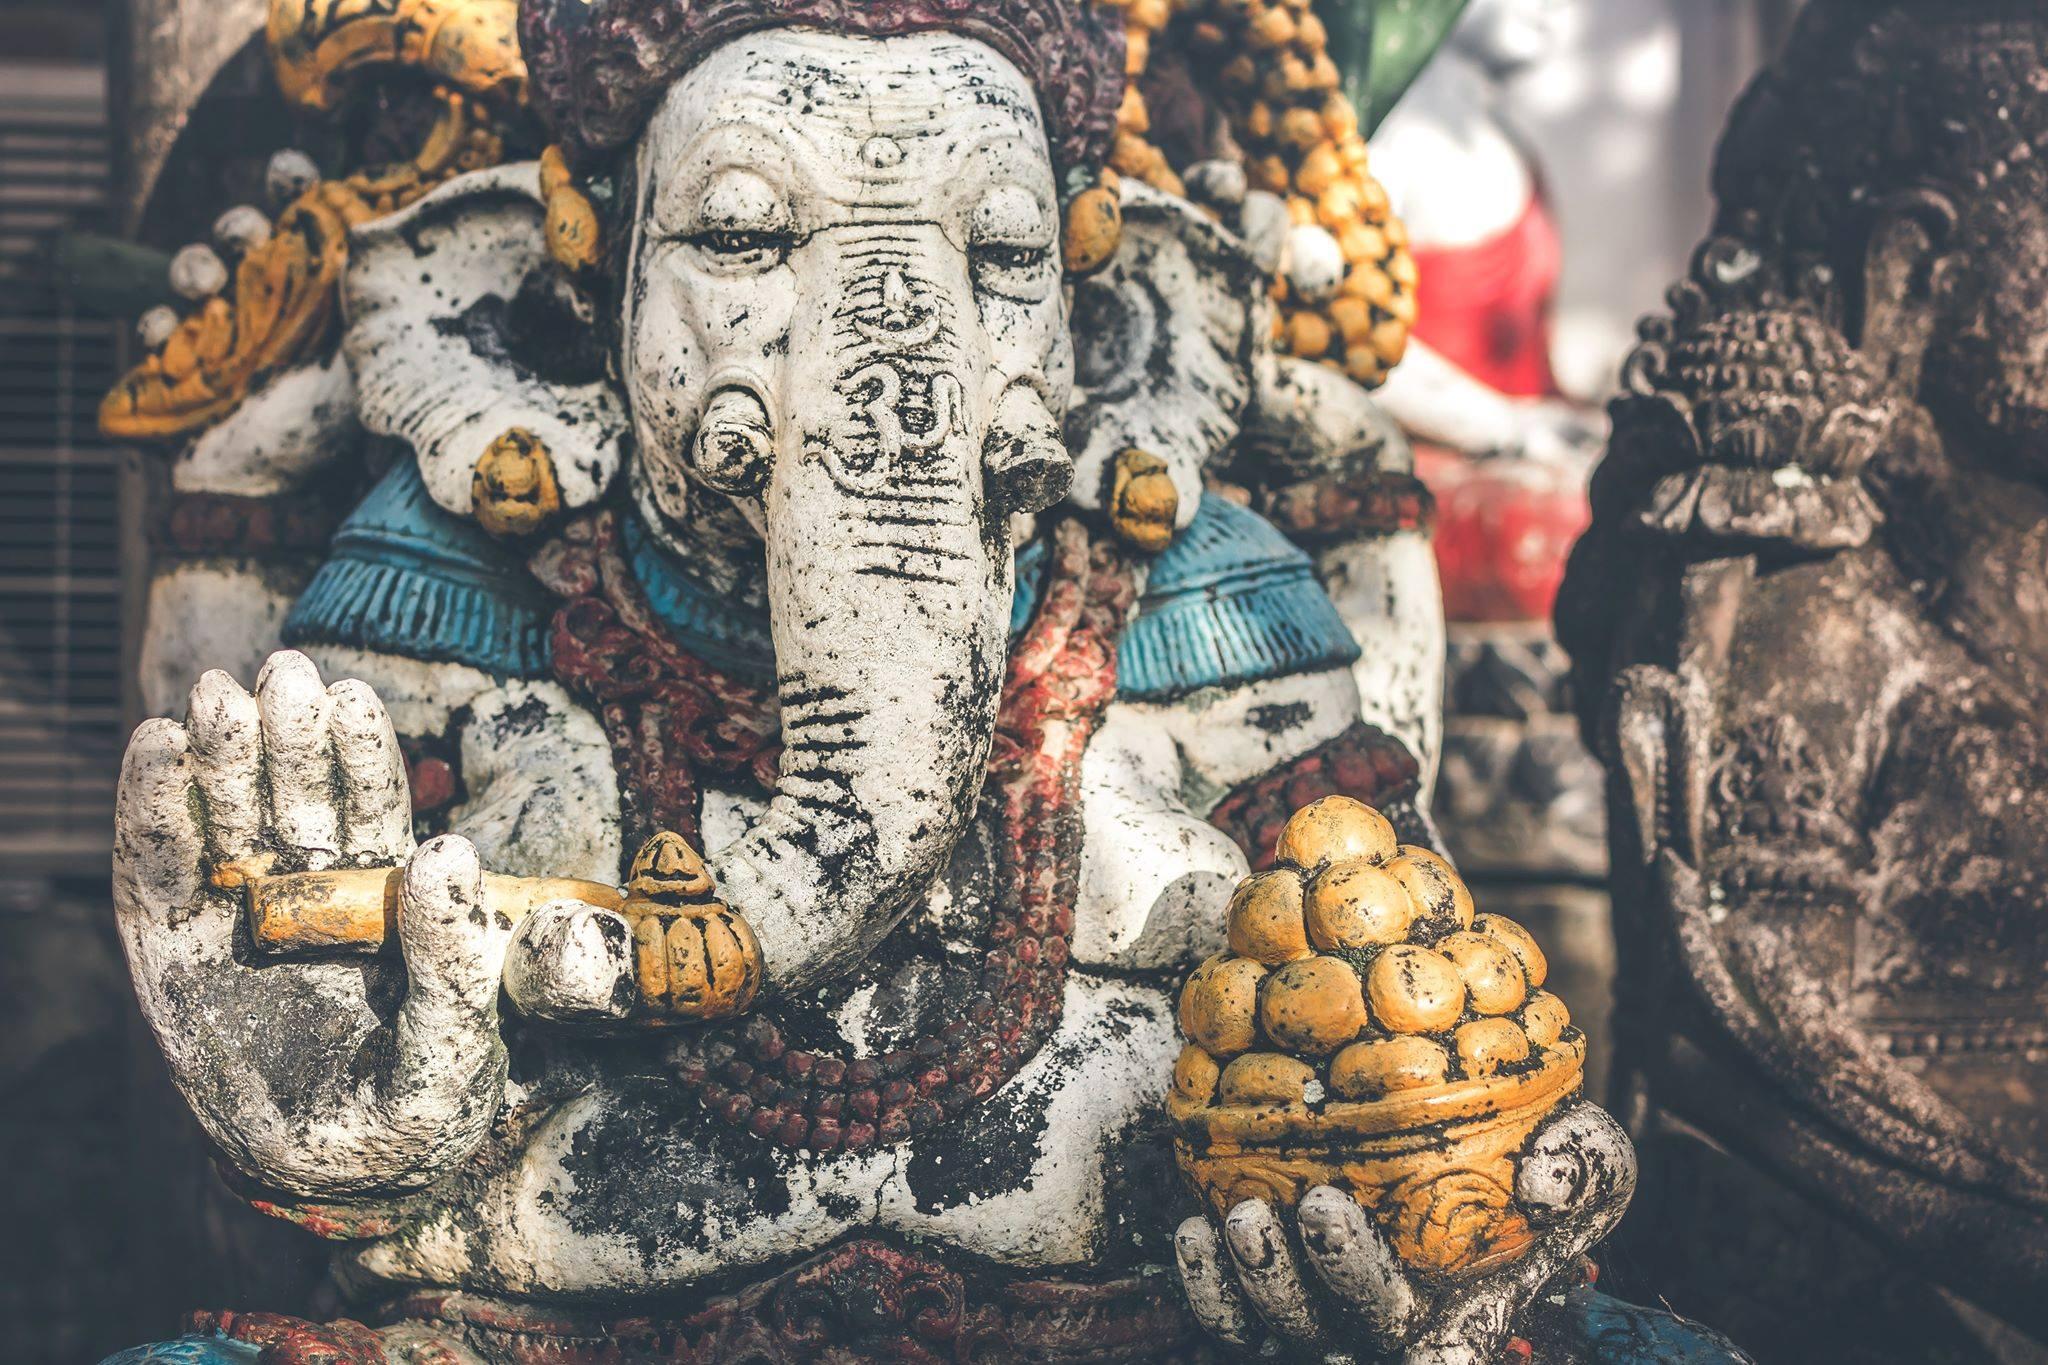 Czy indyjski słoń powtórzy sukces chińskiego smoka? Problemy rozwojowe współczesnych Indii